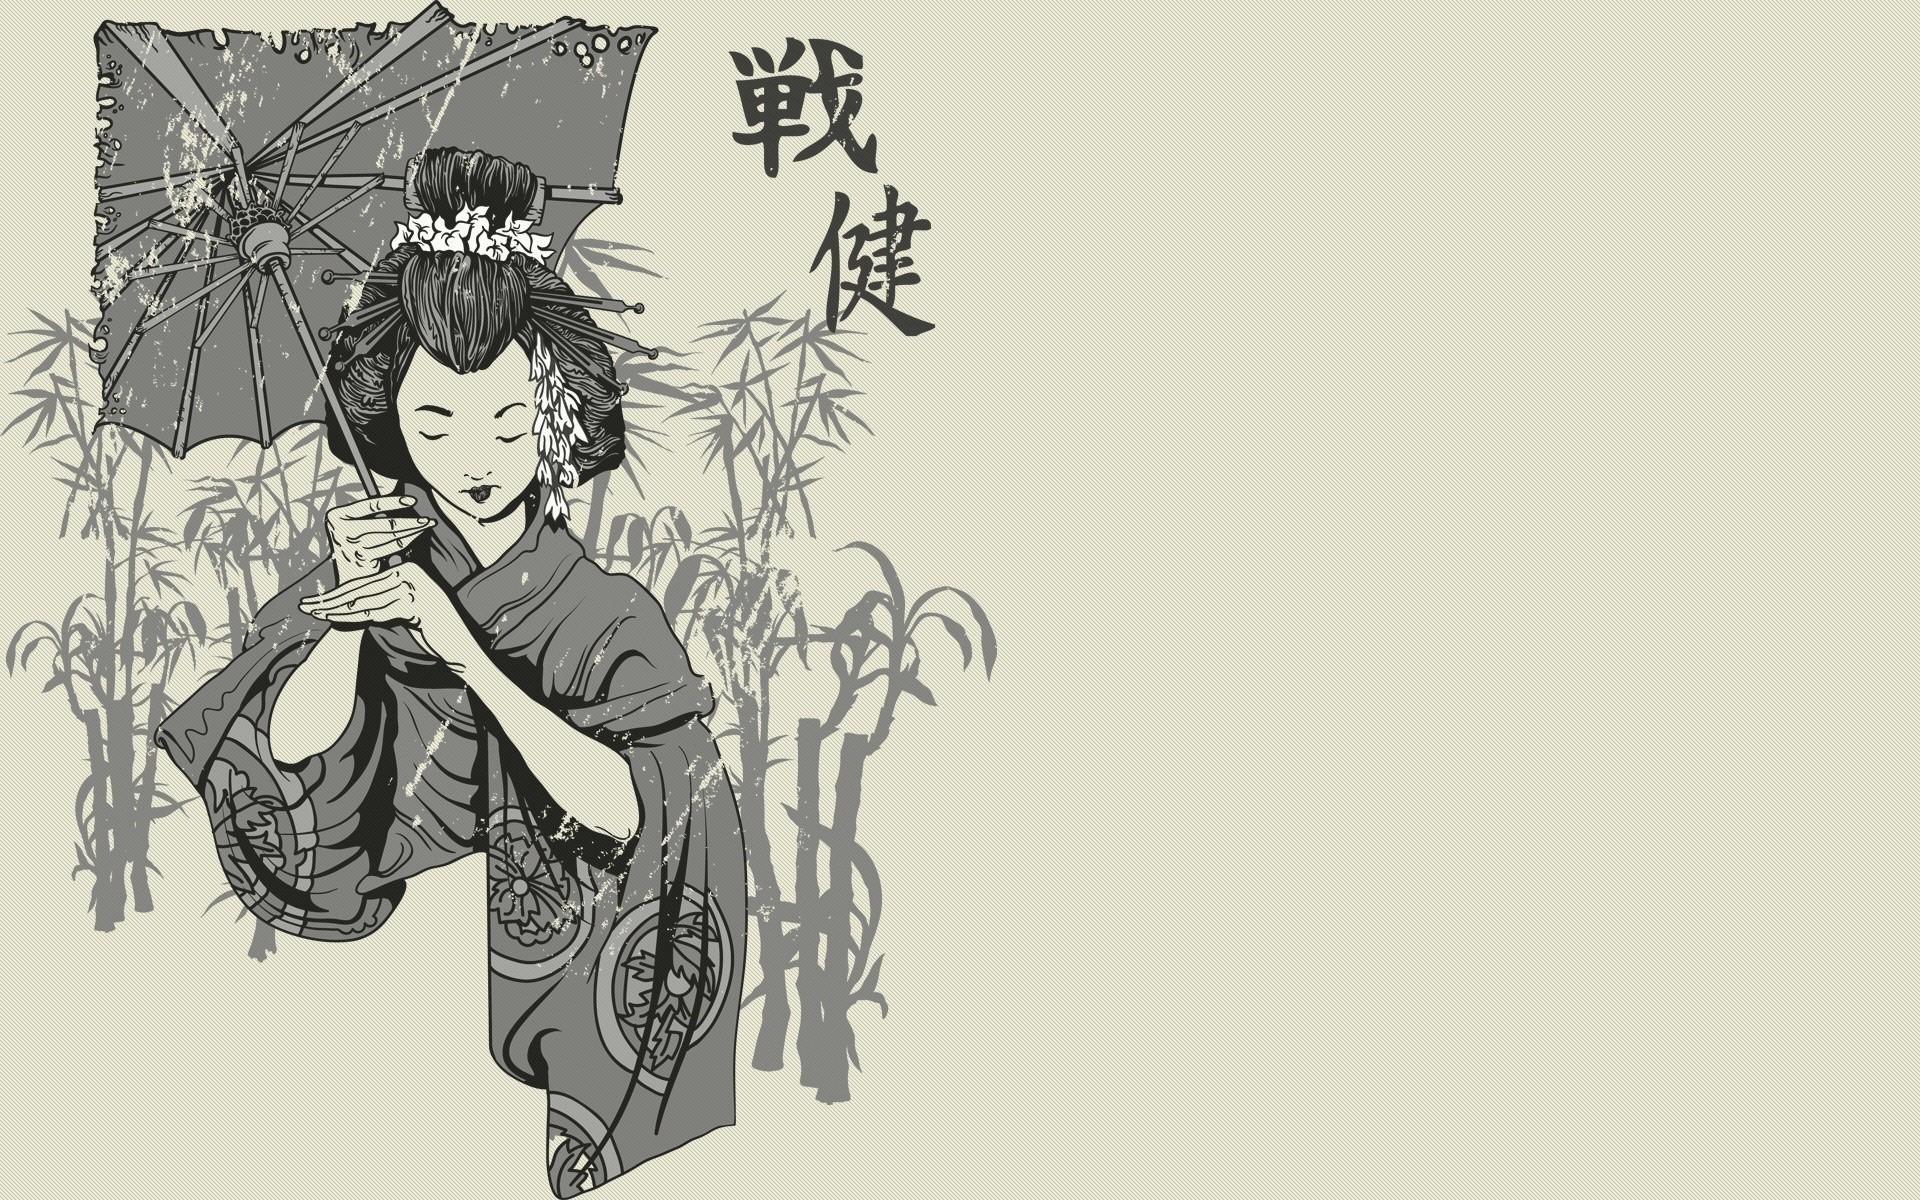 japanese art wallpapers 64 images. Black Bedroom Furniture Sets. Home Design Ideas